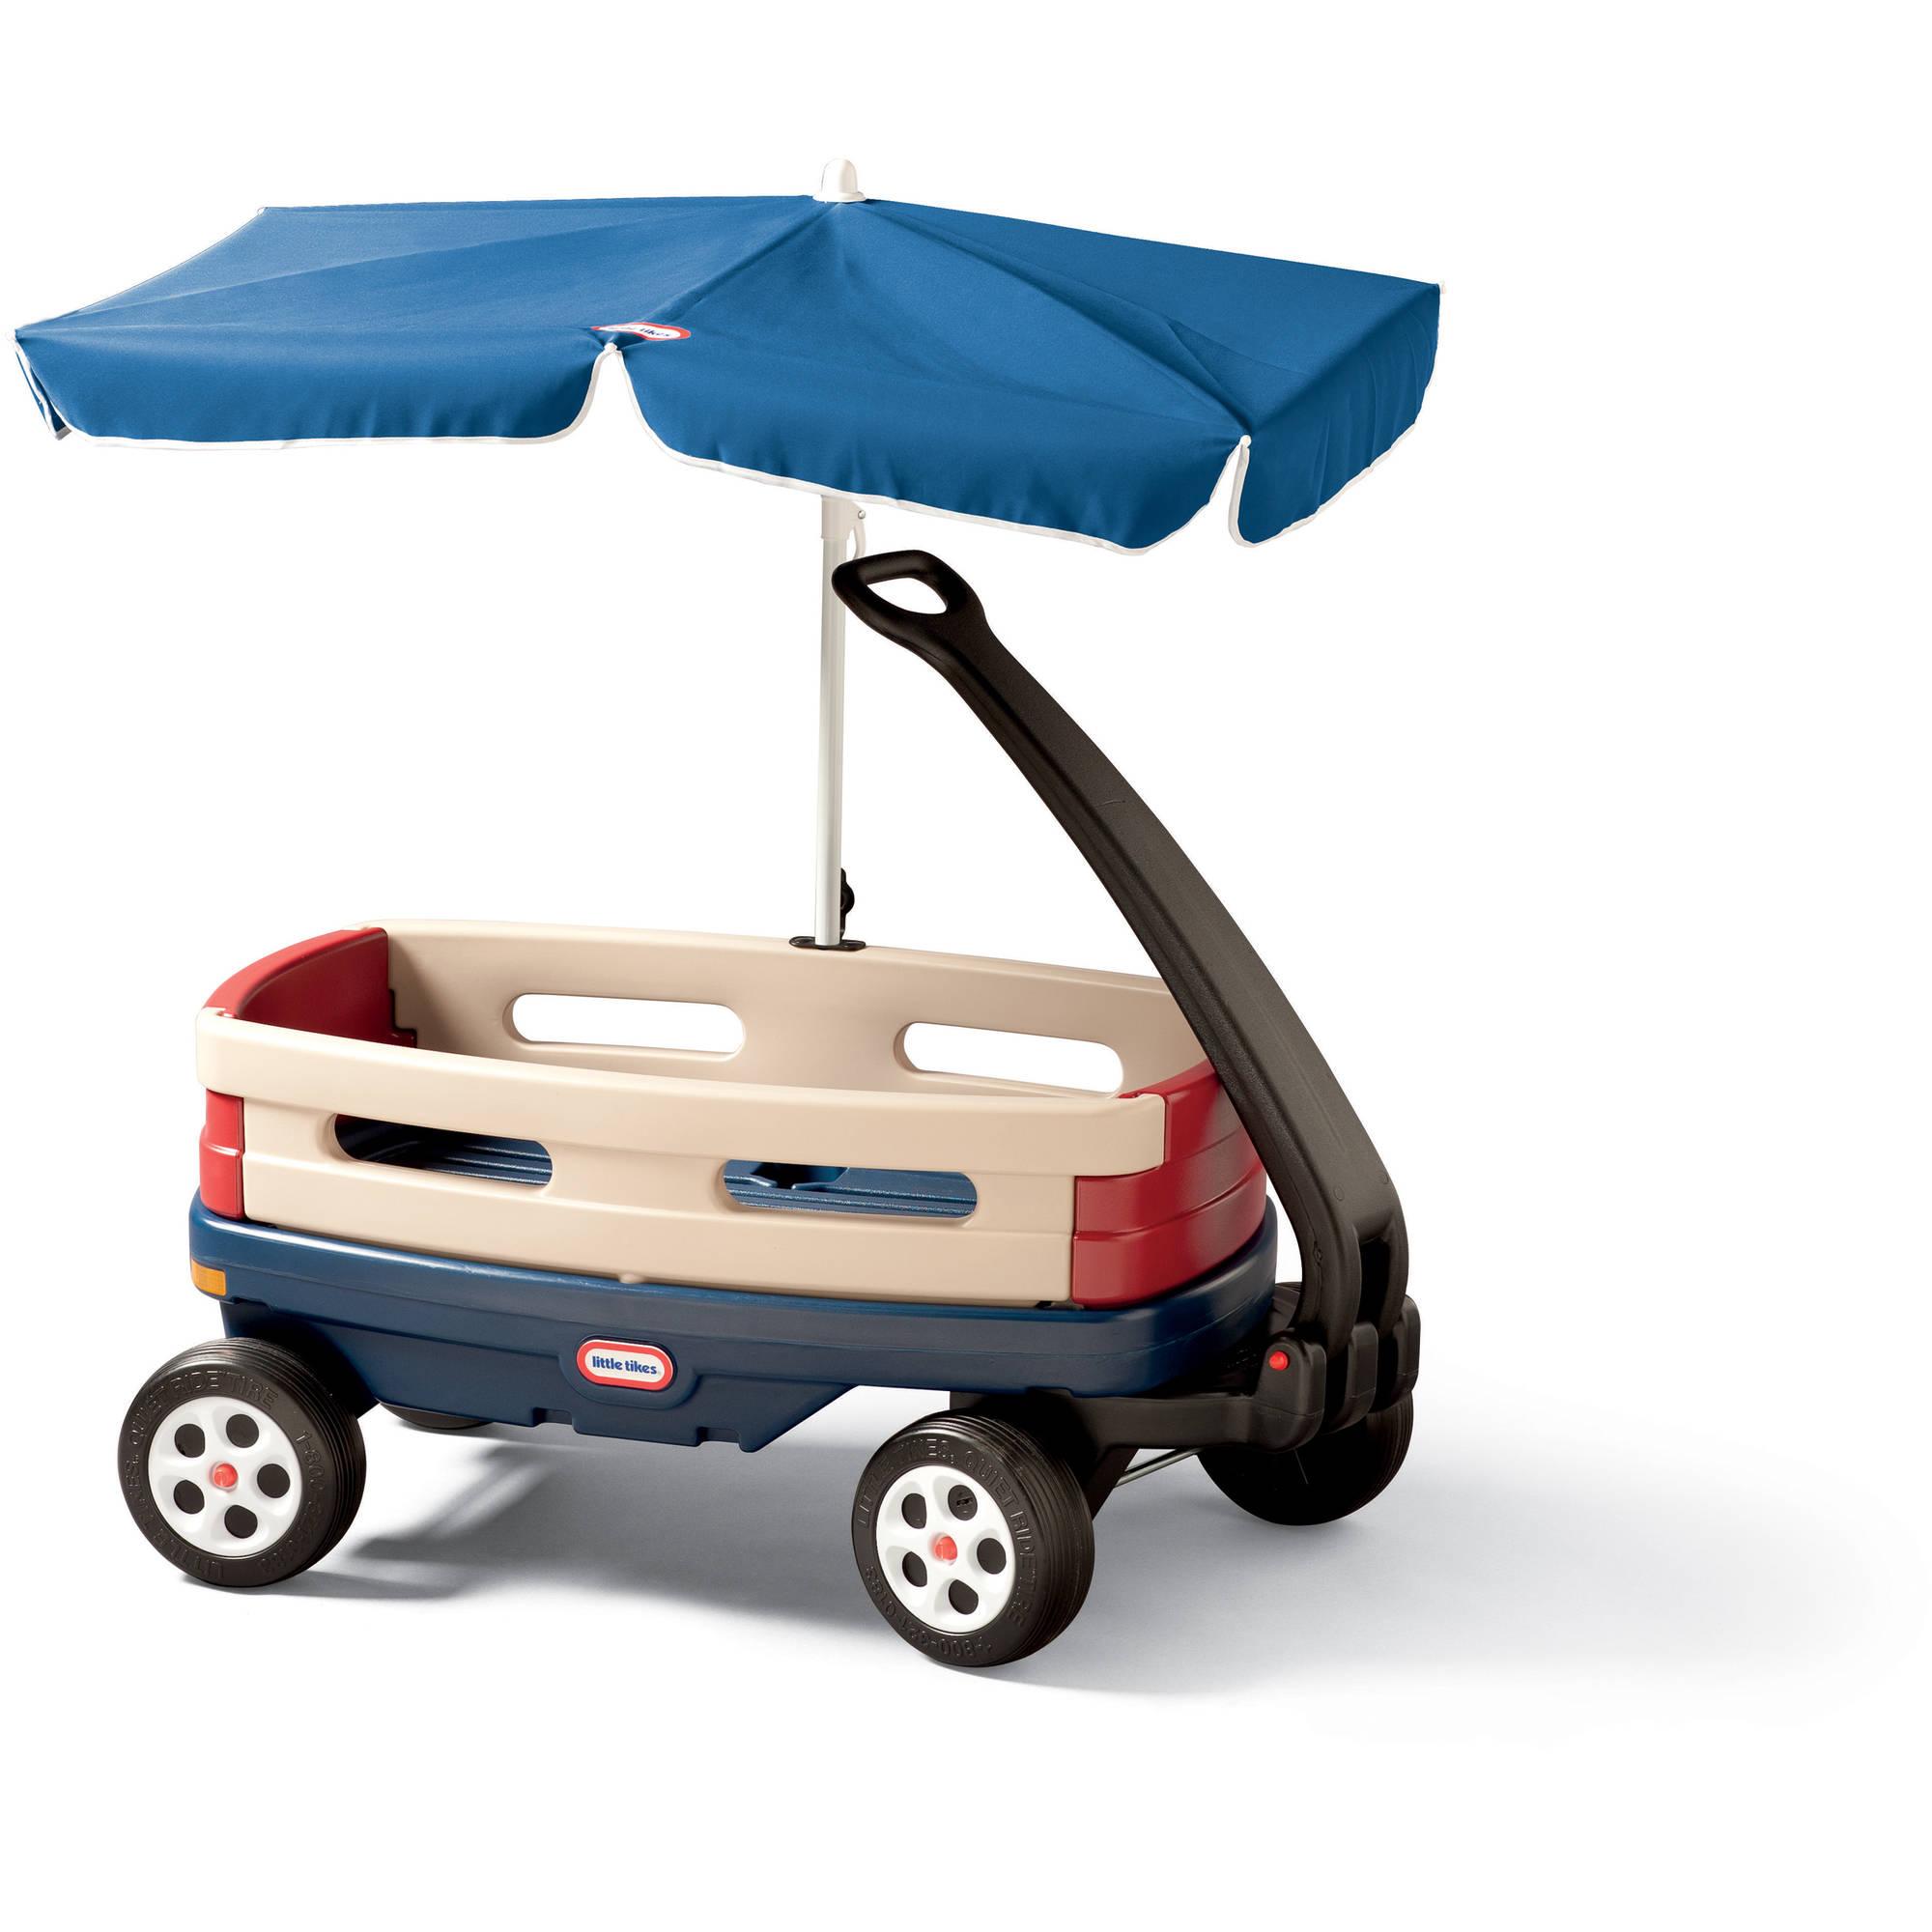 Little Tikes Explorer Wagon with Umbrella